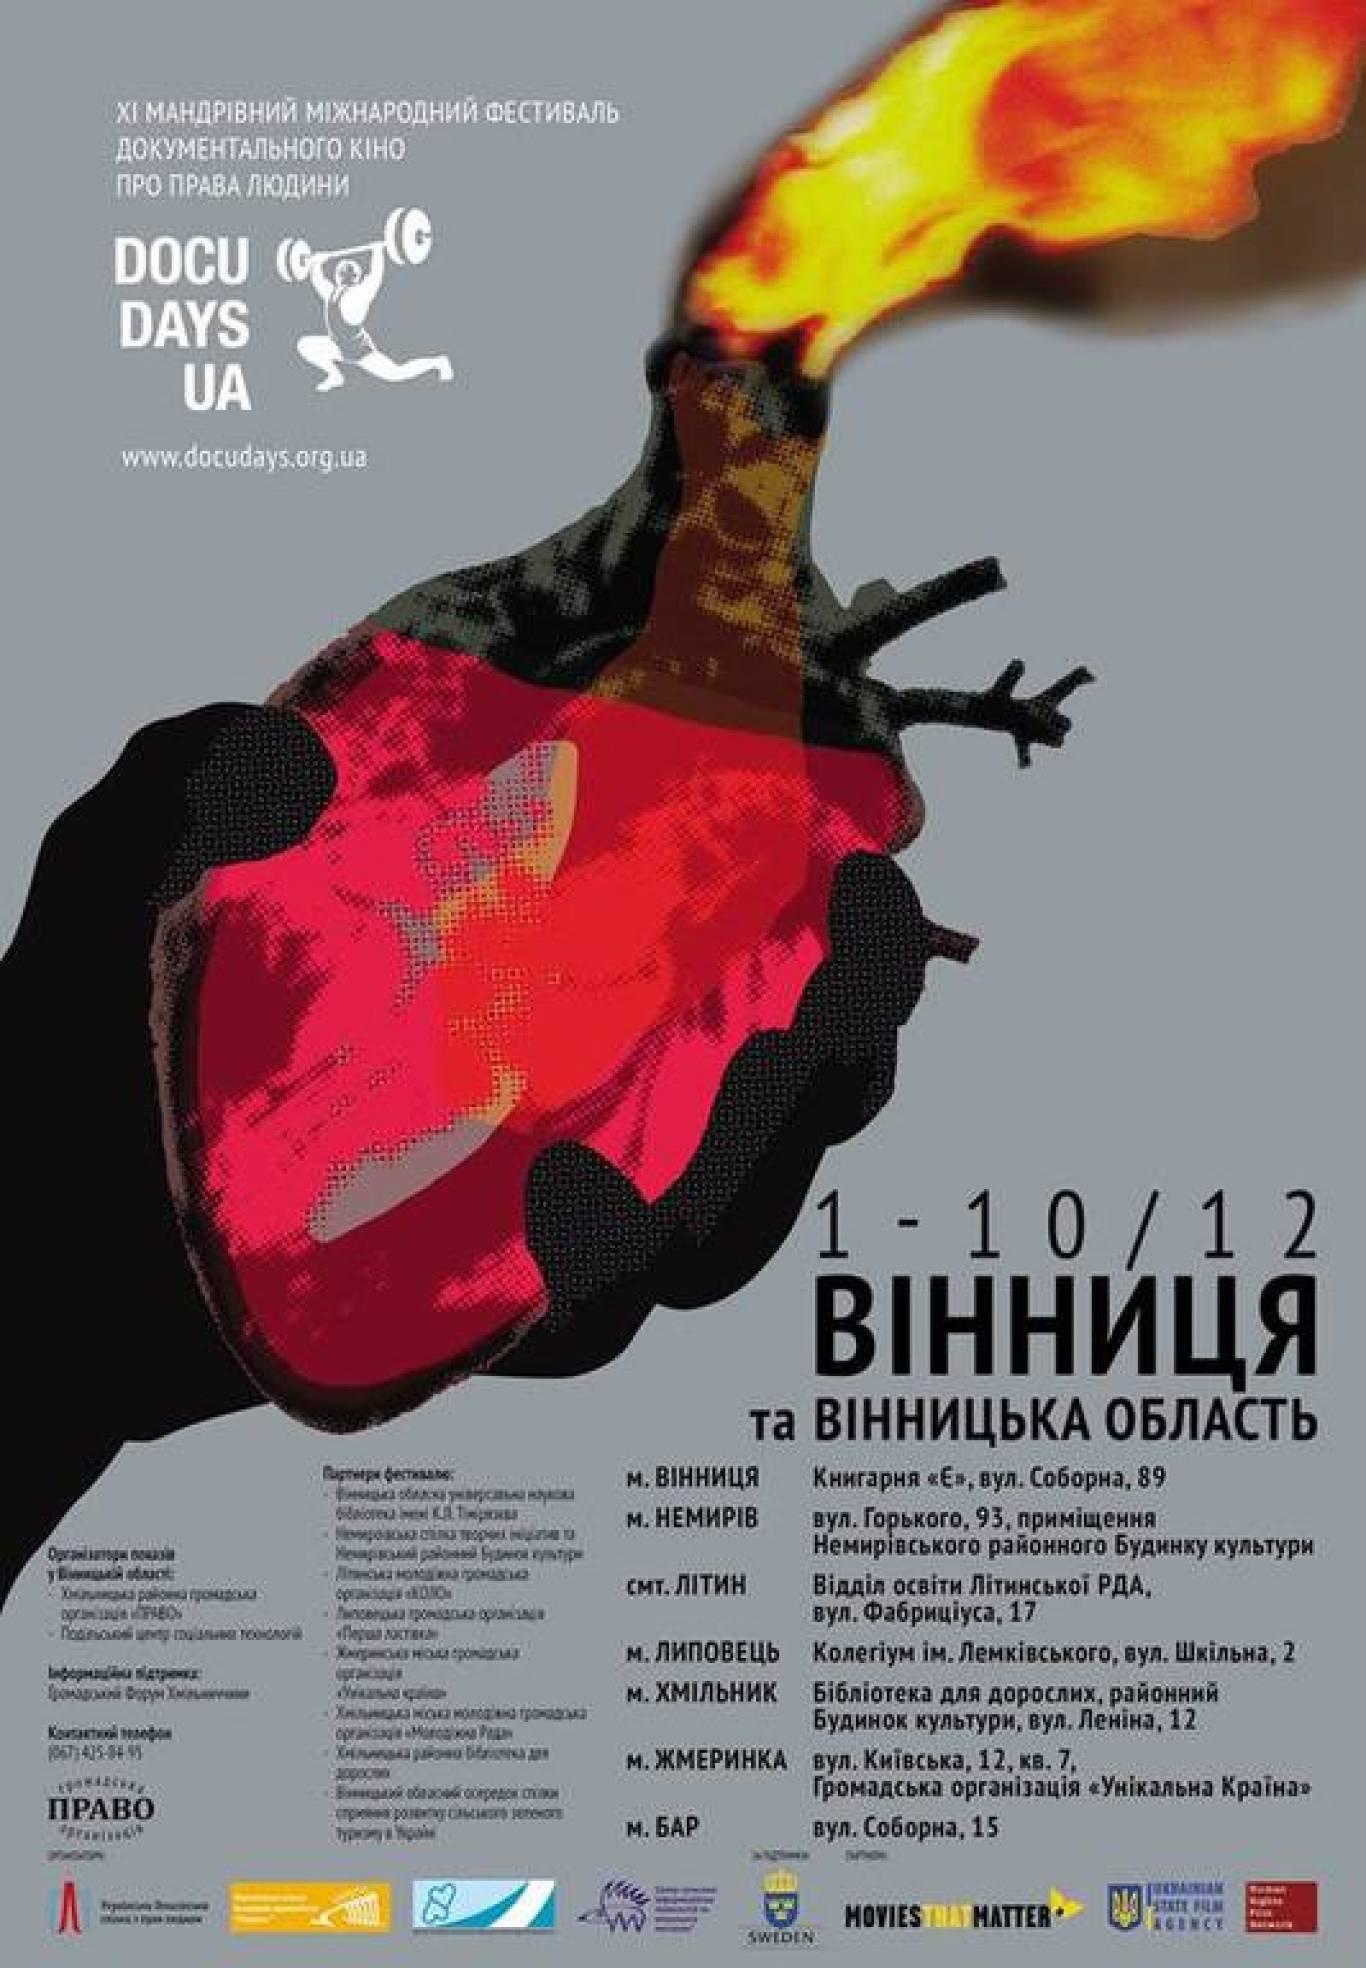 Фестиваль  документального кіно про права людини